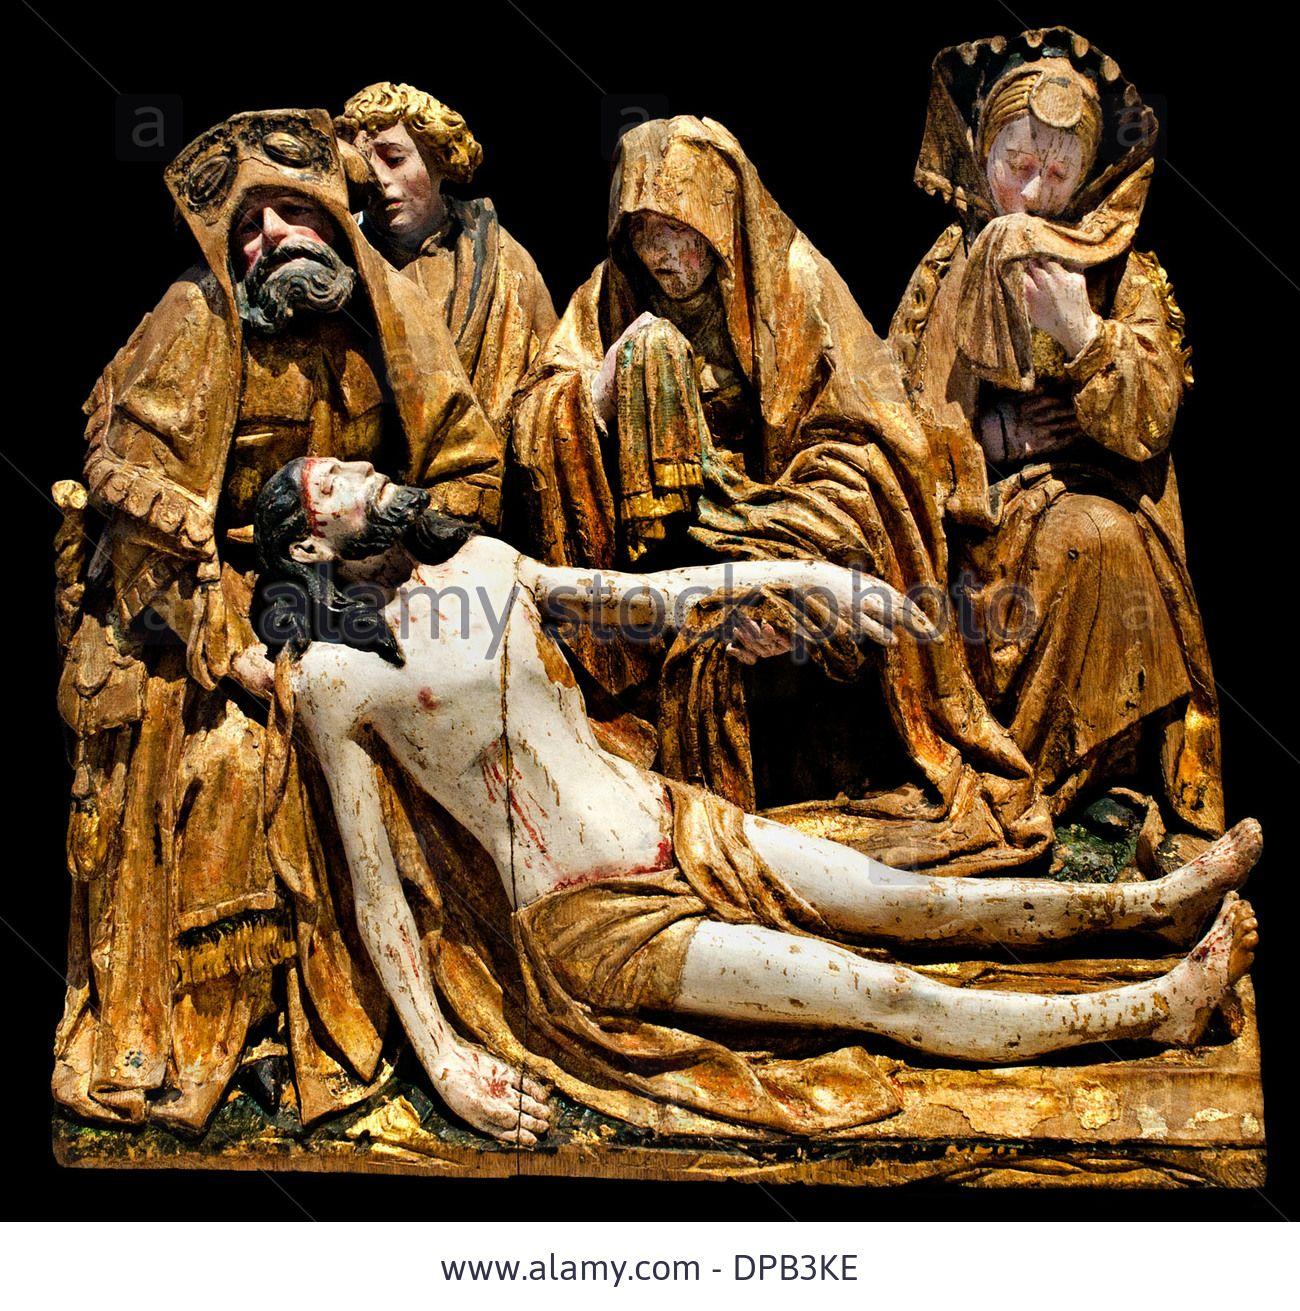 Dieses Stockfoto: Element Altarpiece: Lamentation of Christ Antwerp (now Belgium) around 1515-1520 polychrome wood oak - DPB3KE aus der Alamy-Bibliothek mit Millionen von Stockfotos, Illustrationen und Vektorgrafiken in hoher Auflösung herunterladen.